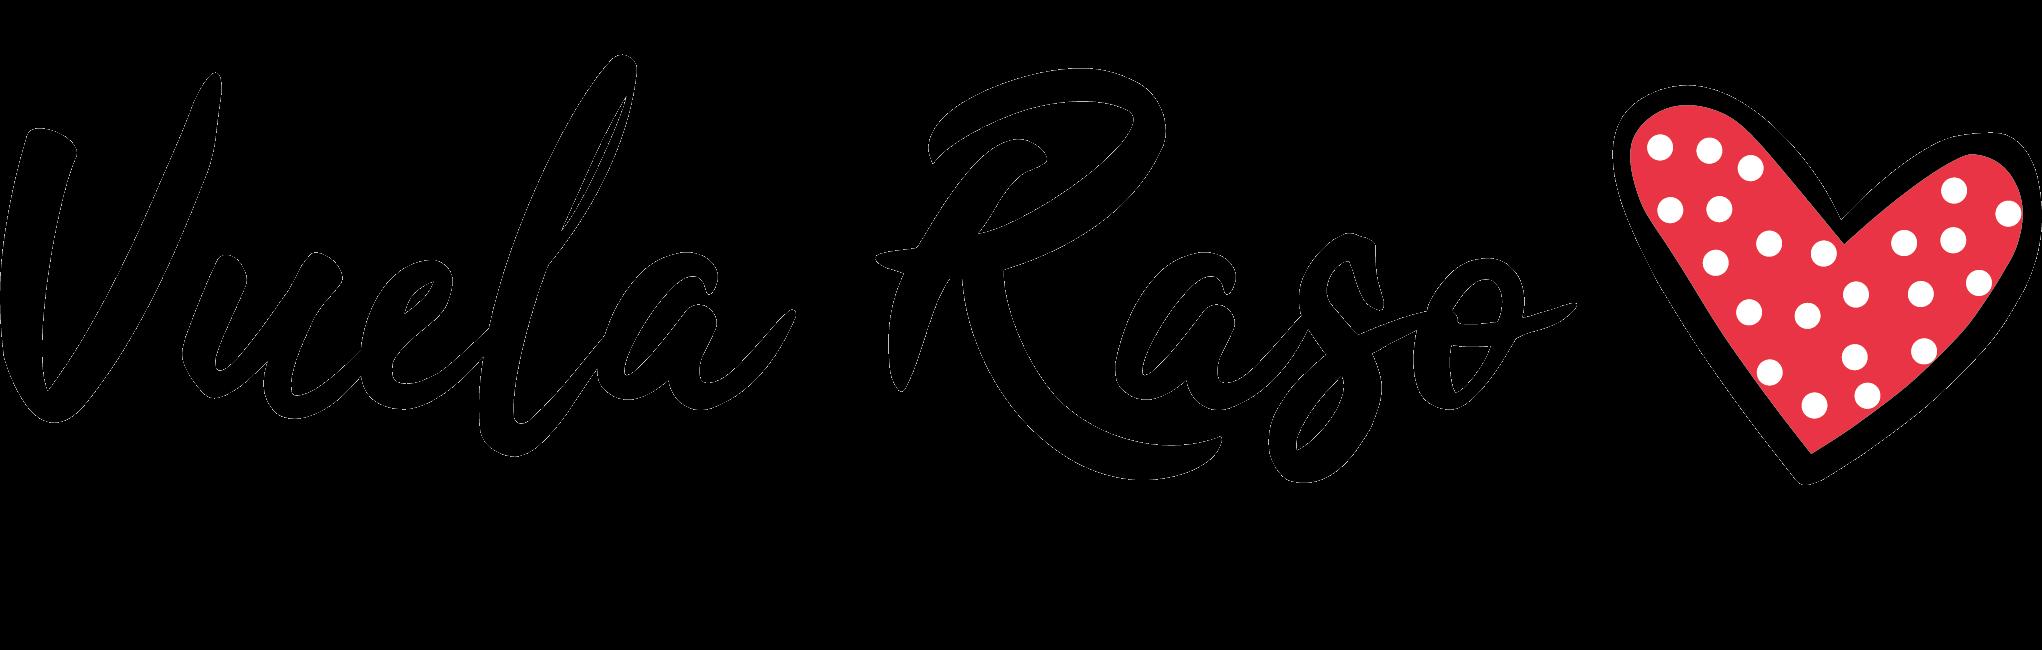 Logo Vuela Raso